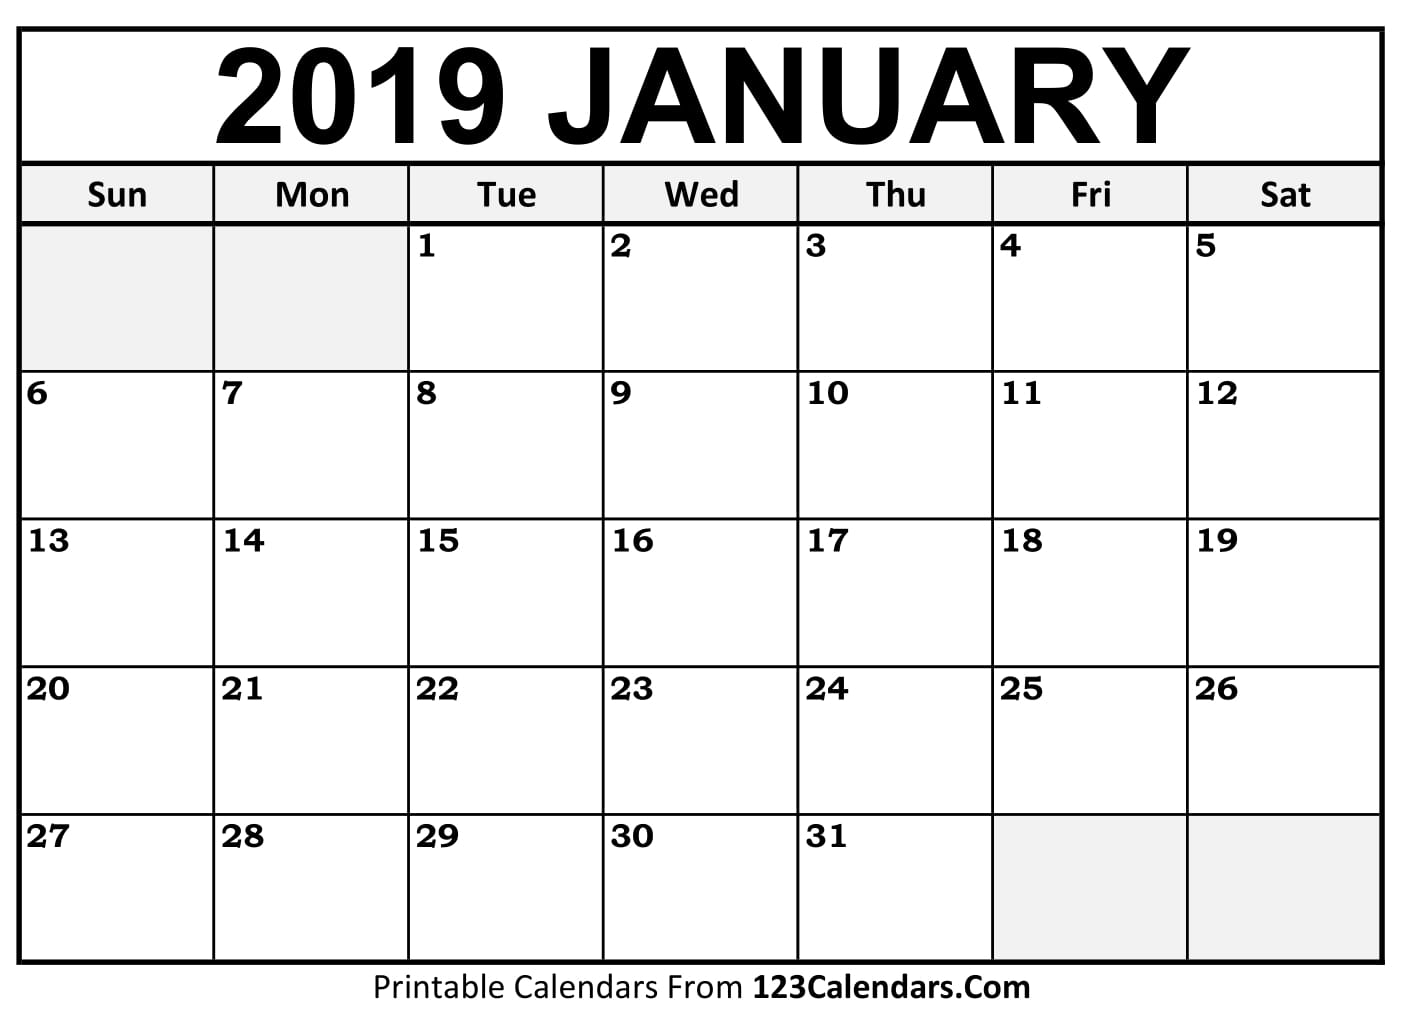 printable 2018 calendar 123calendars com